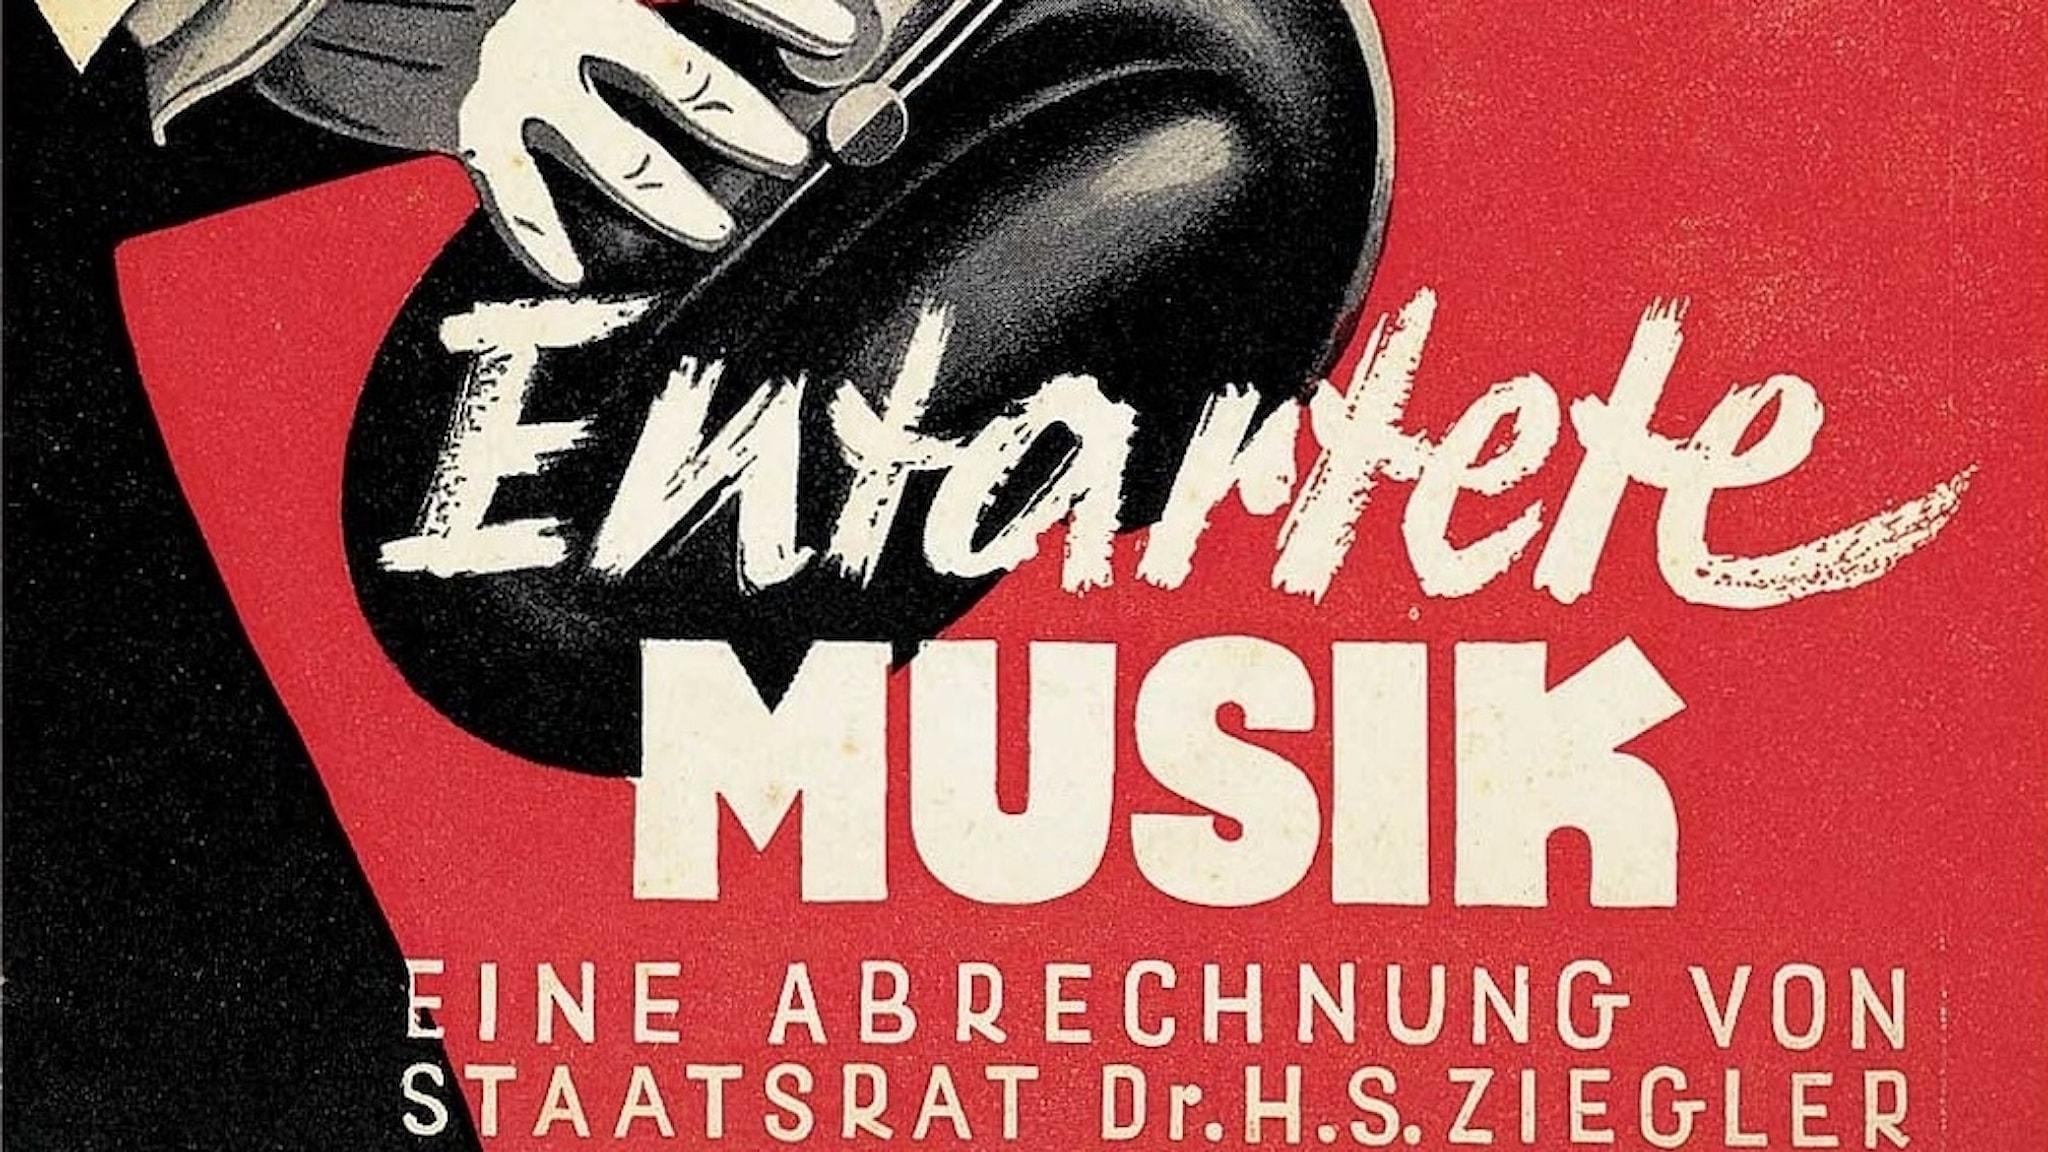 """Detalj ur en utställningsaffisch om """"urartad musik"""" från 1938."""